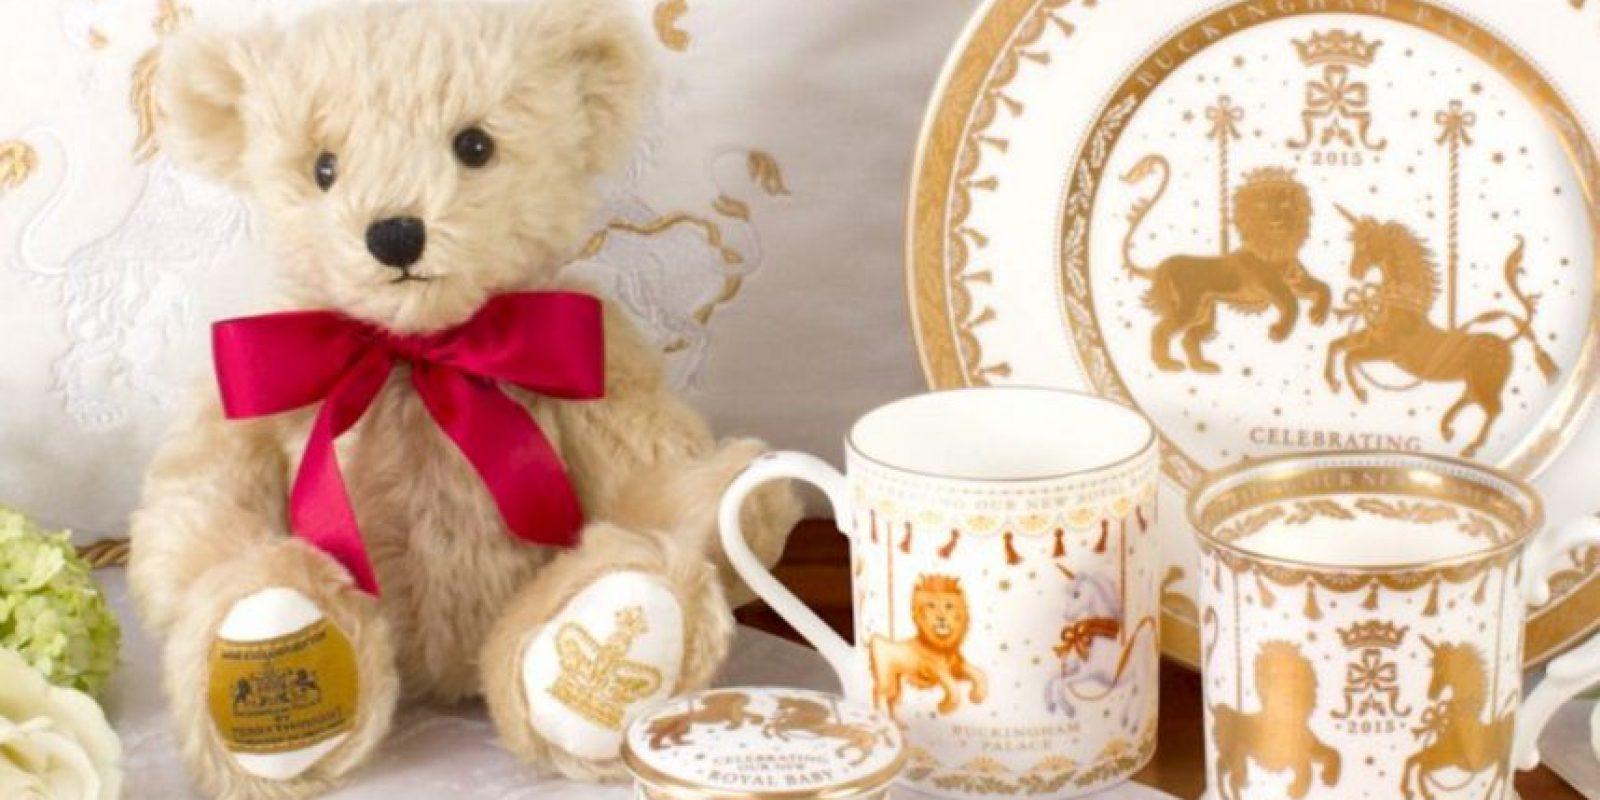 Todos los productos ya se encuentran a la venta en la página web oficial. Foto:Vía www.royalcollectionshop.co.uk